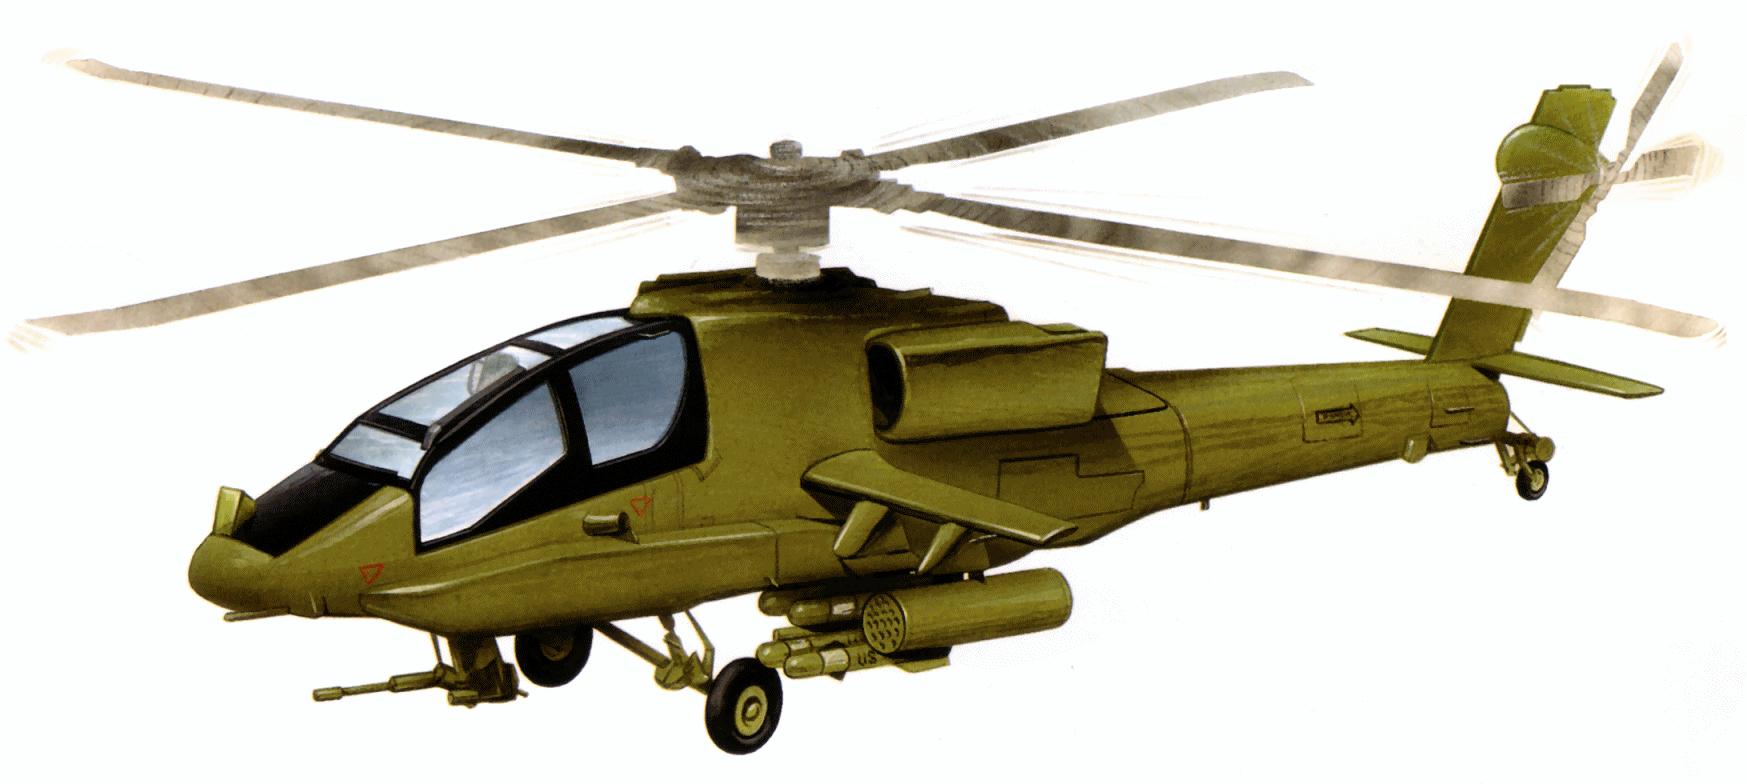 Вертолет, клипарт, фото, скачать